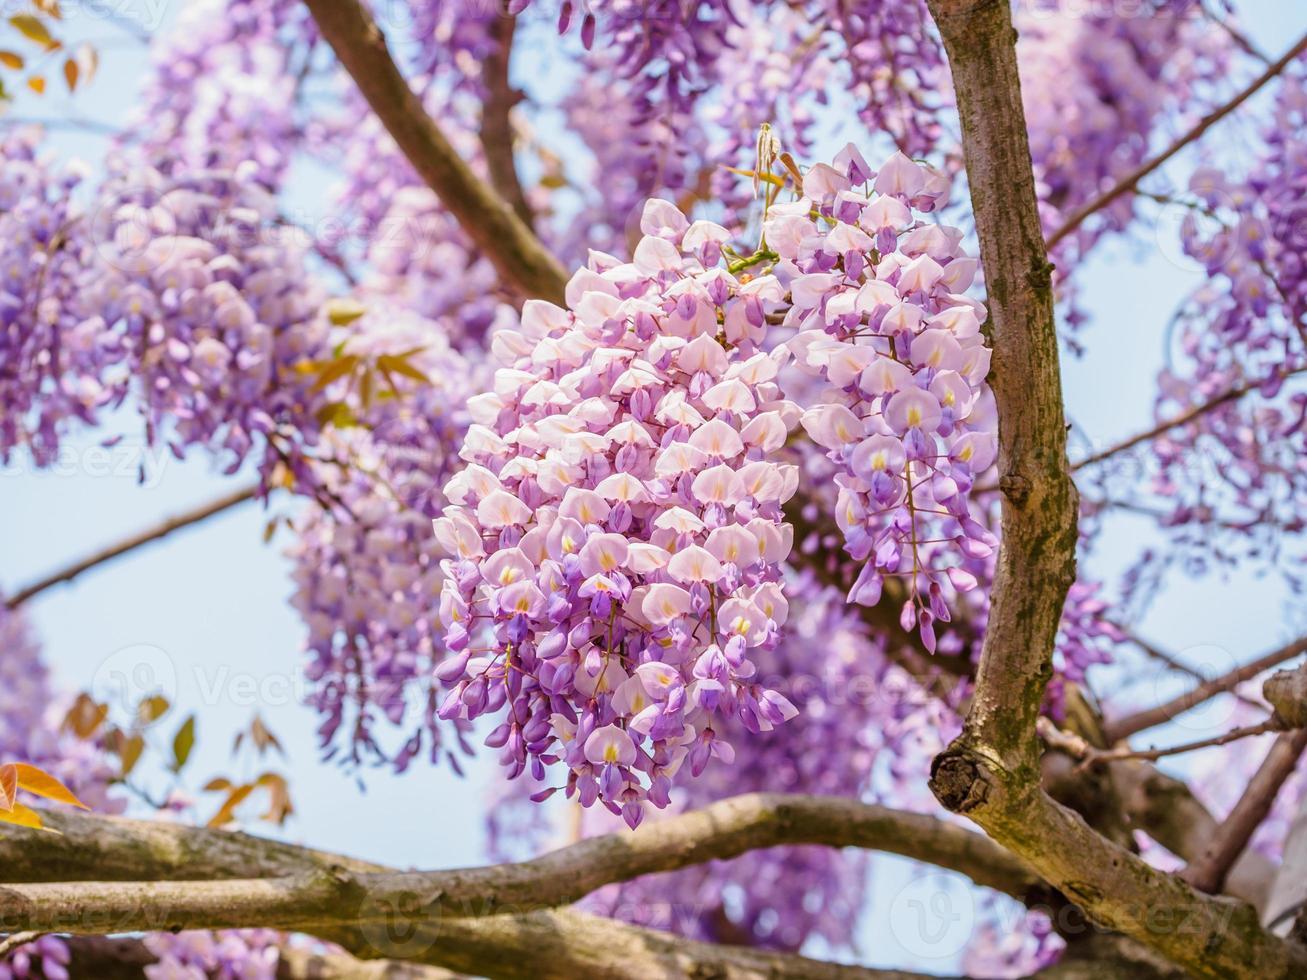 serie de flores de primavera, glicina púrpura foto